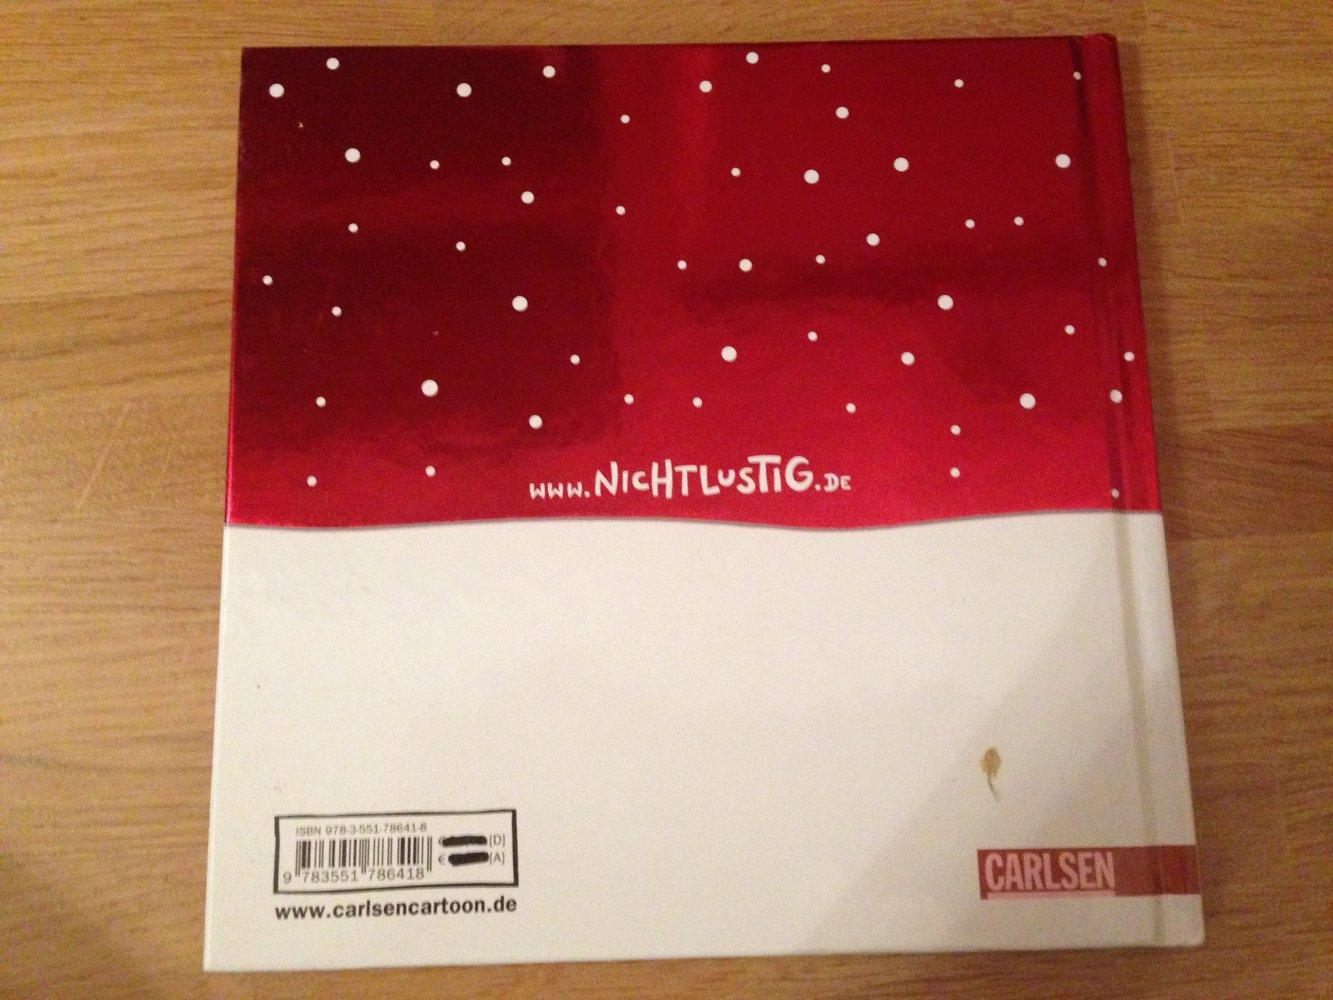 Nichtlustig Weihnachten :: Kleiderkorb.de